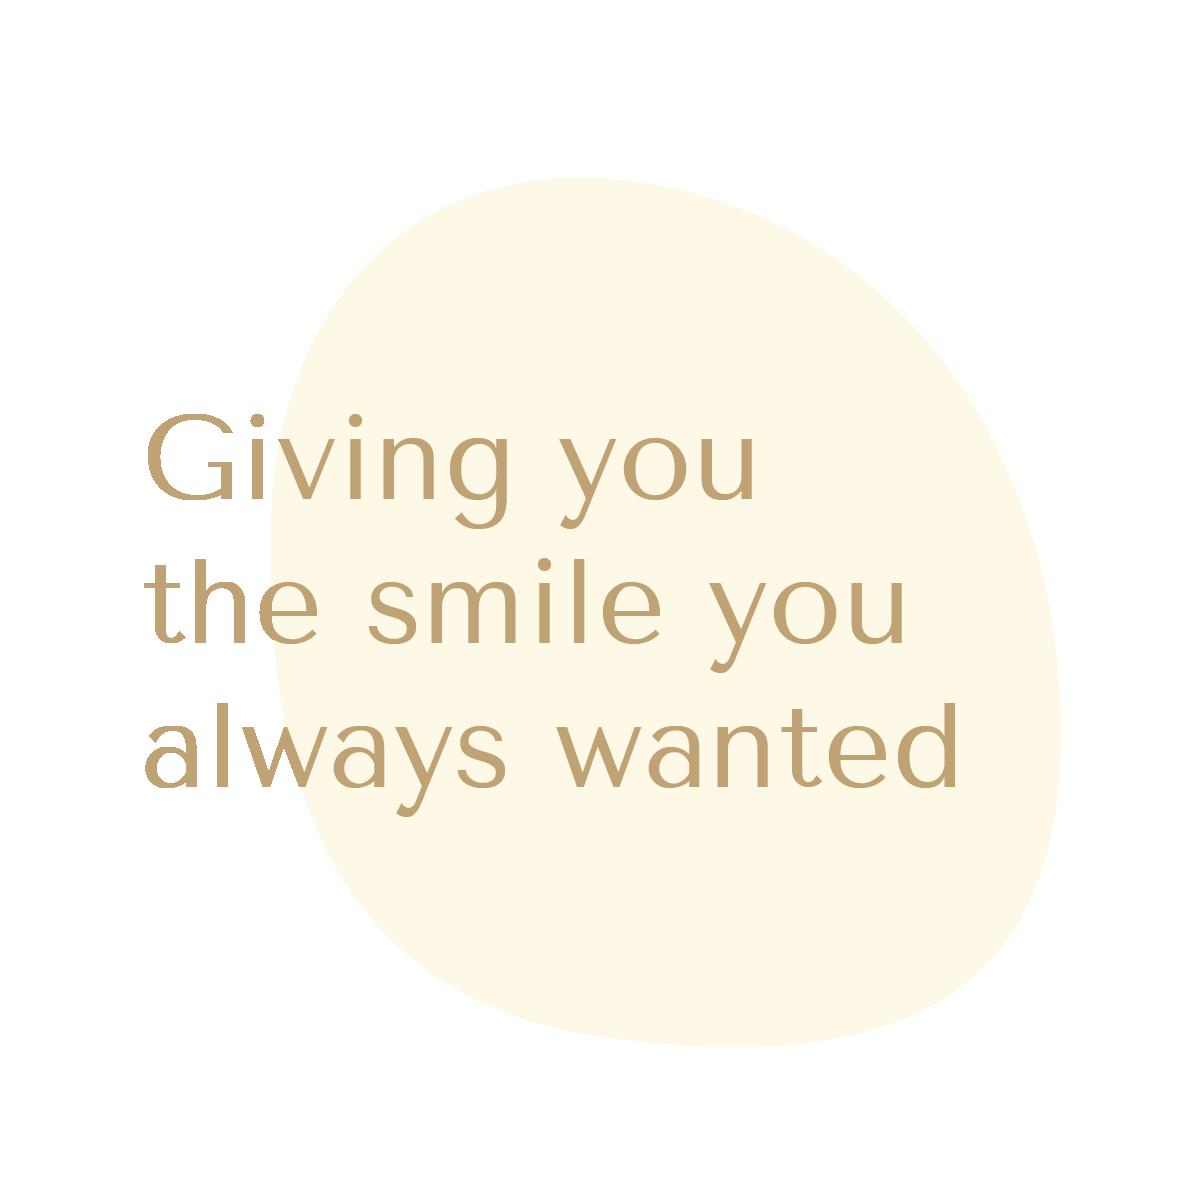 surry hills dental veneers quote